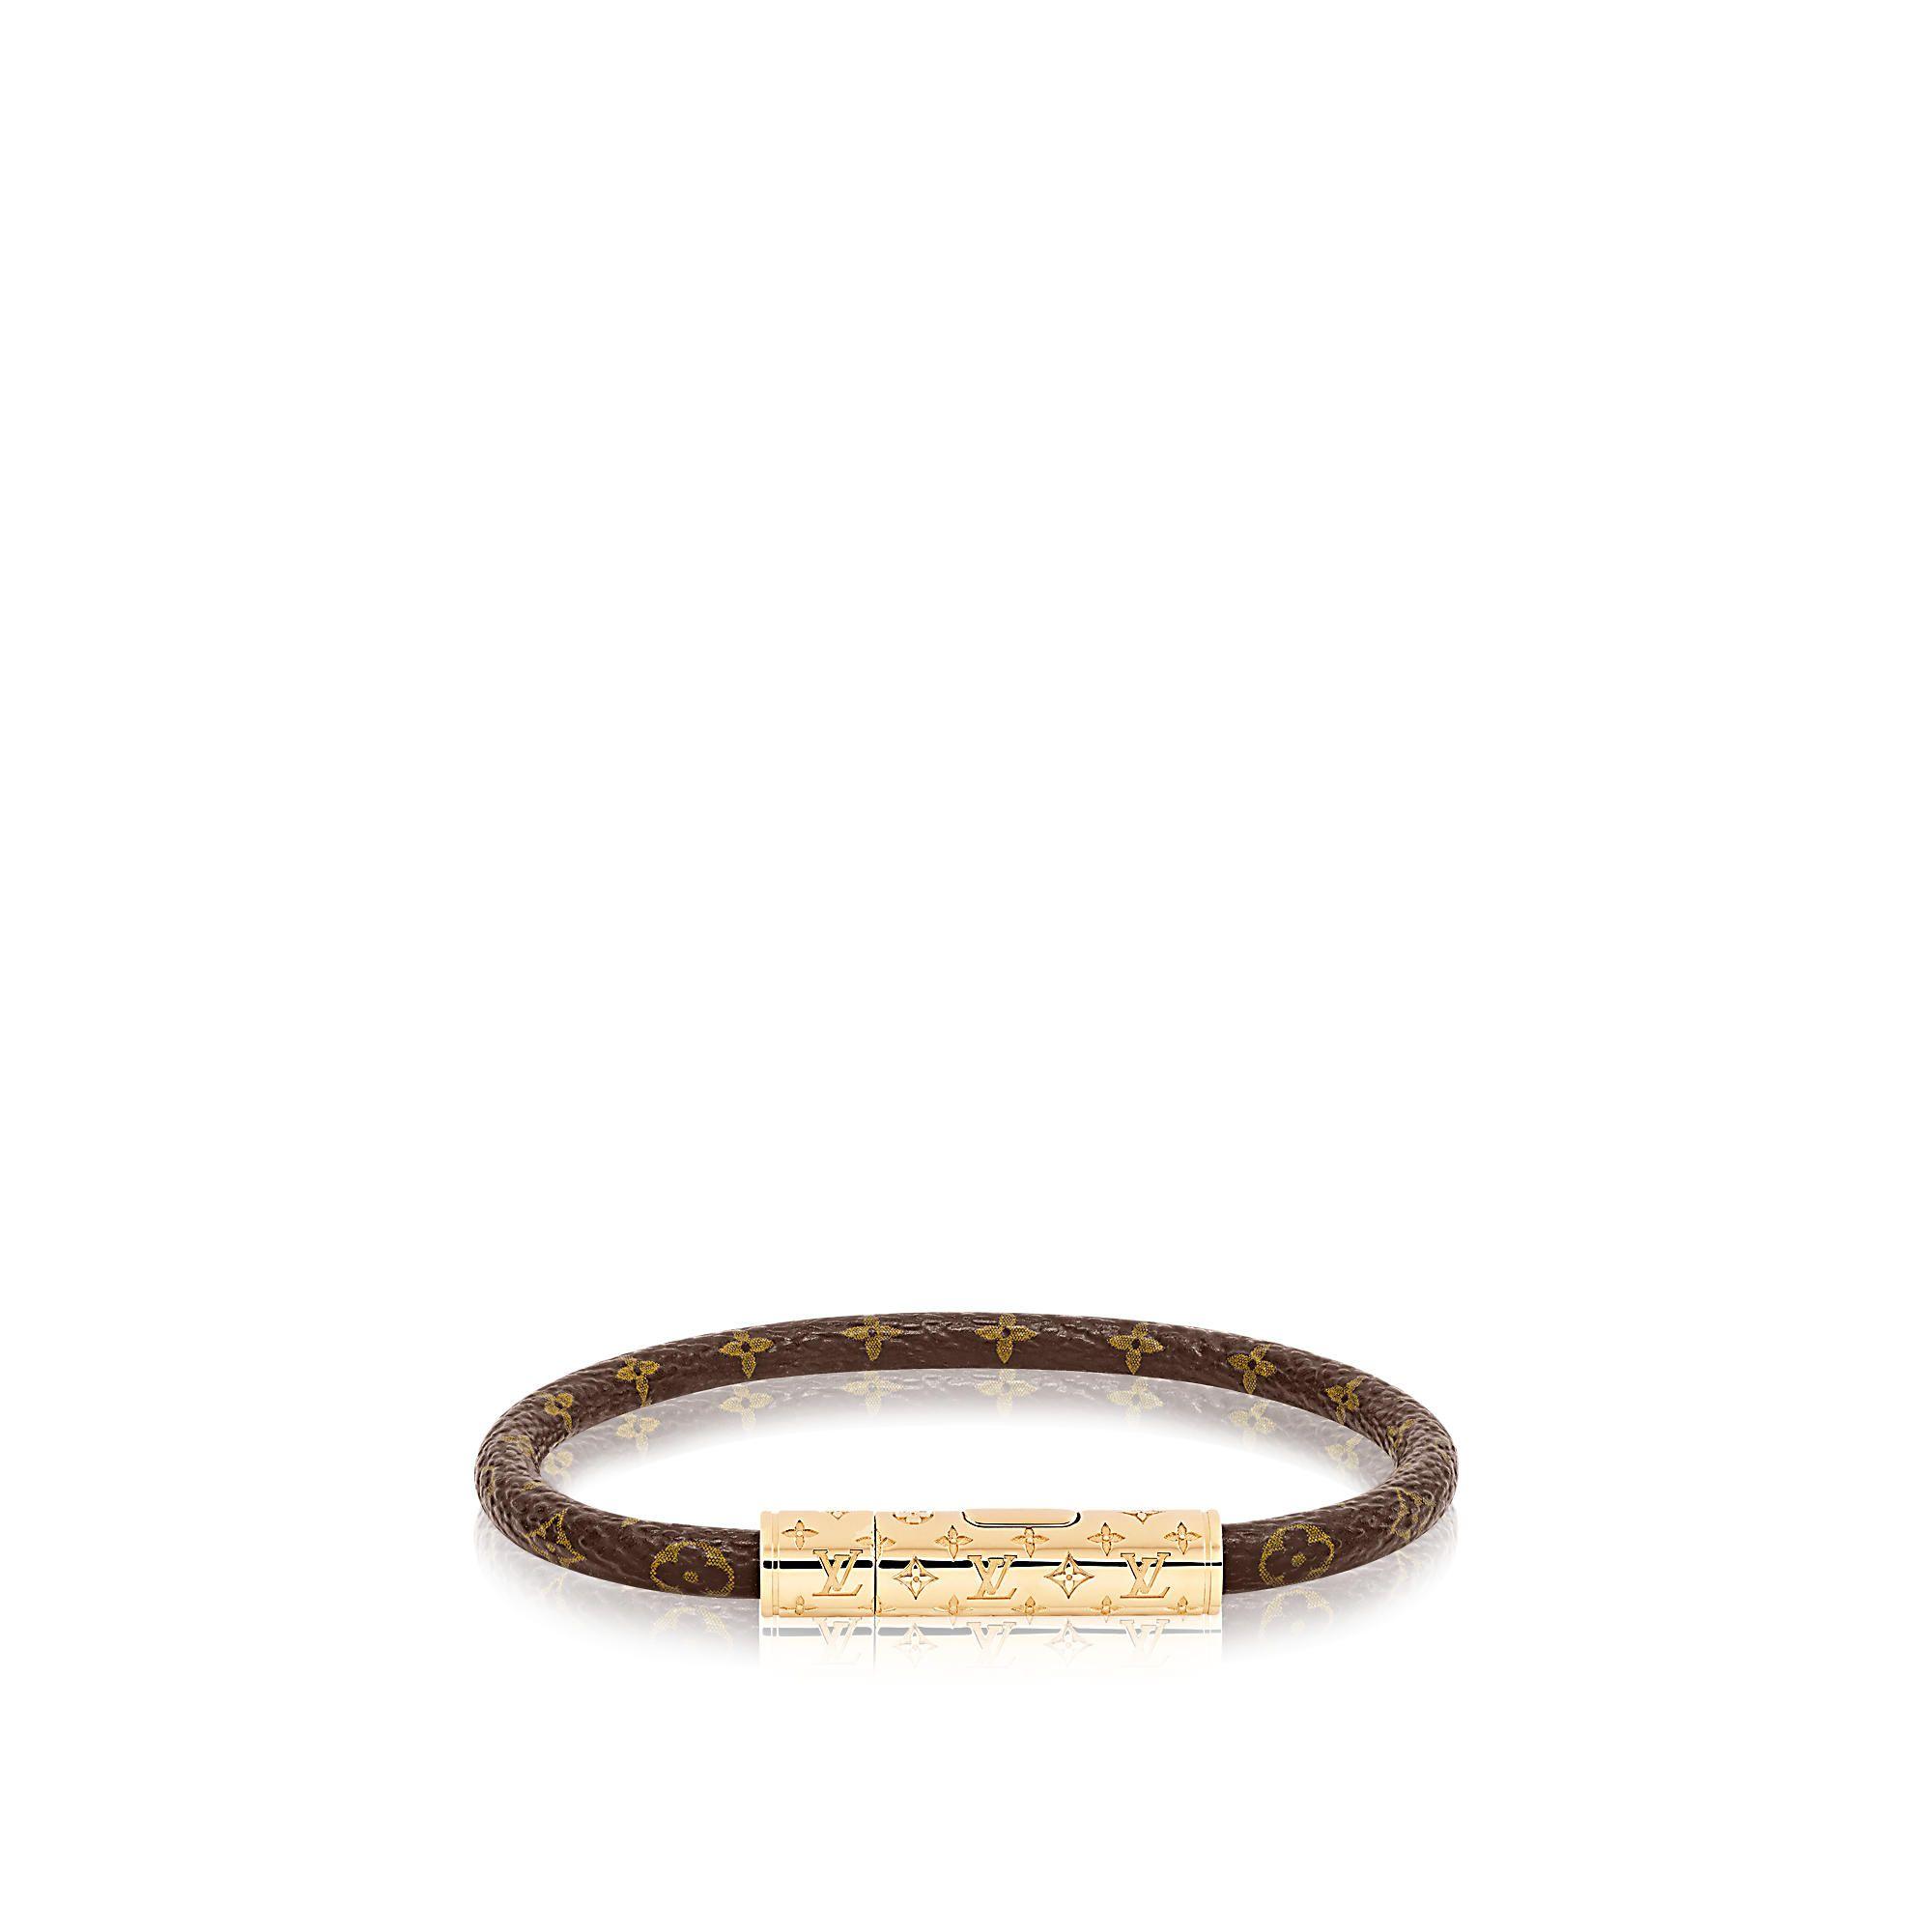 Bracelet LV Confidential Toile Monogram Femme Accessoires Bracelets en cuir.  Découvrez l incontournable Bracelet LV Confidential via Louis Vuitton 170  euros a5f0c0d03ce